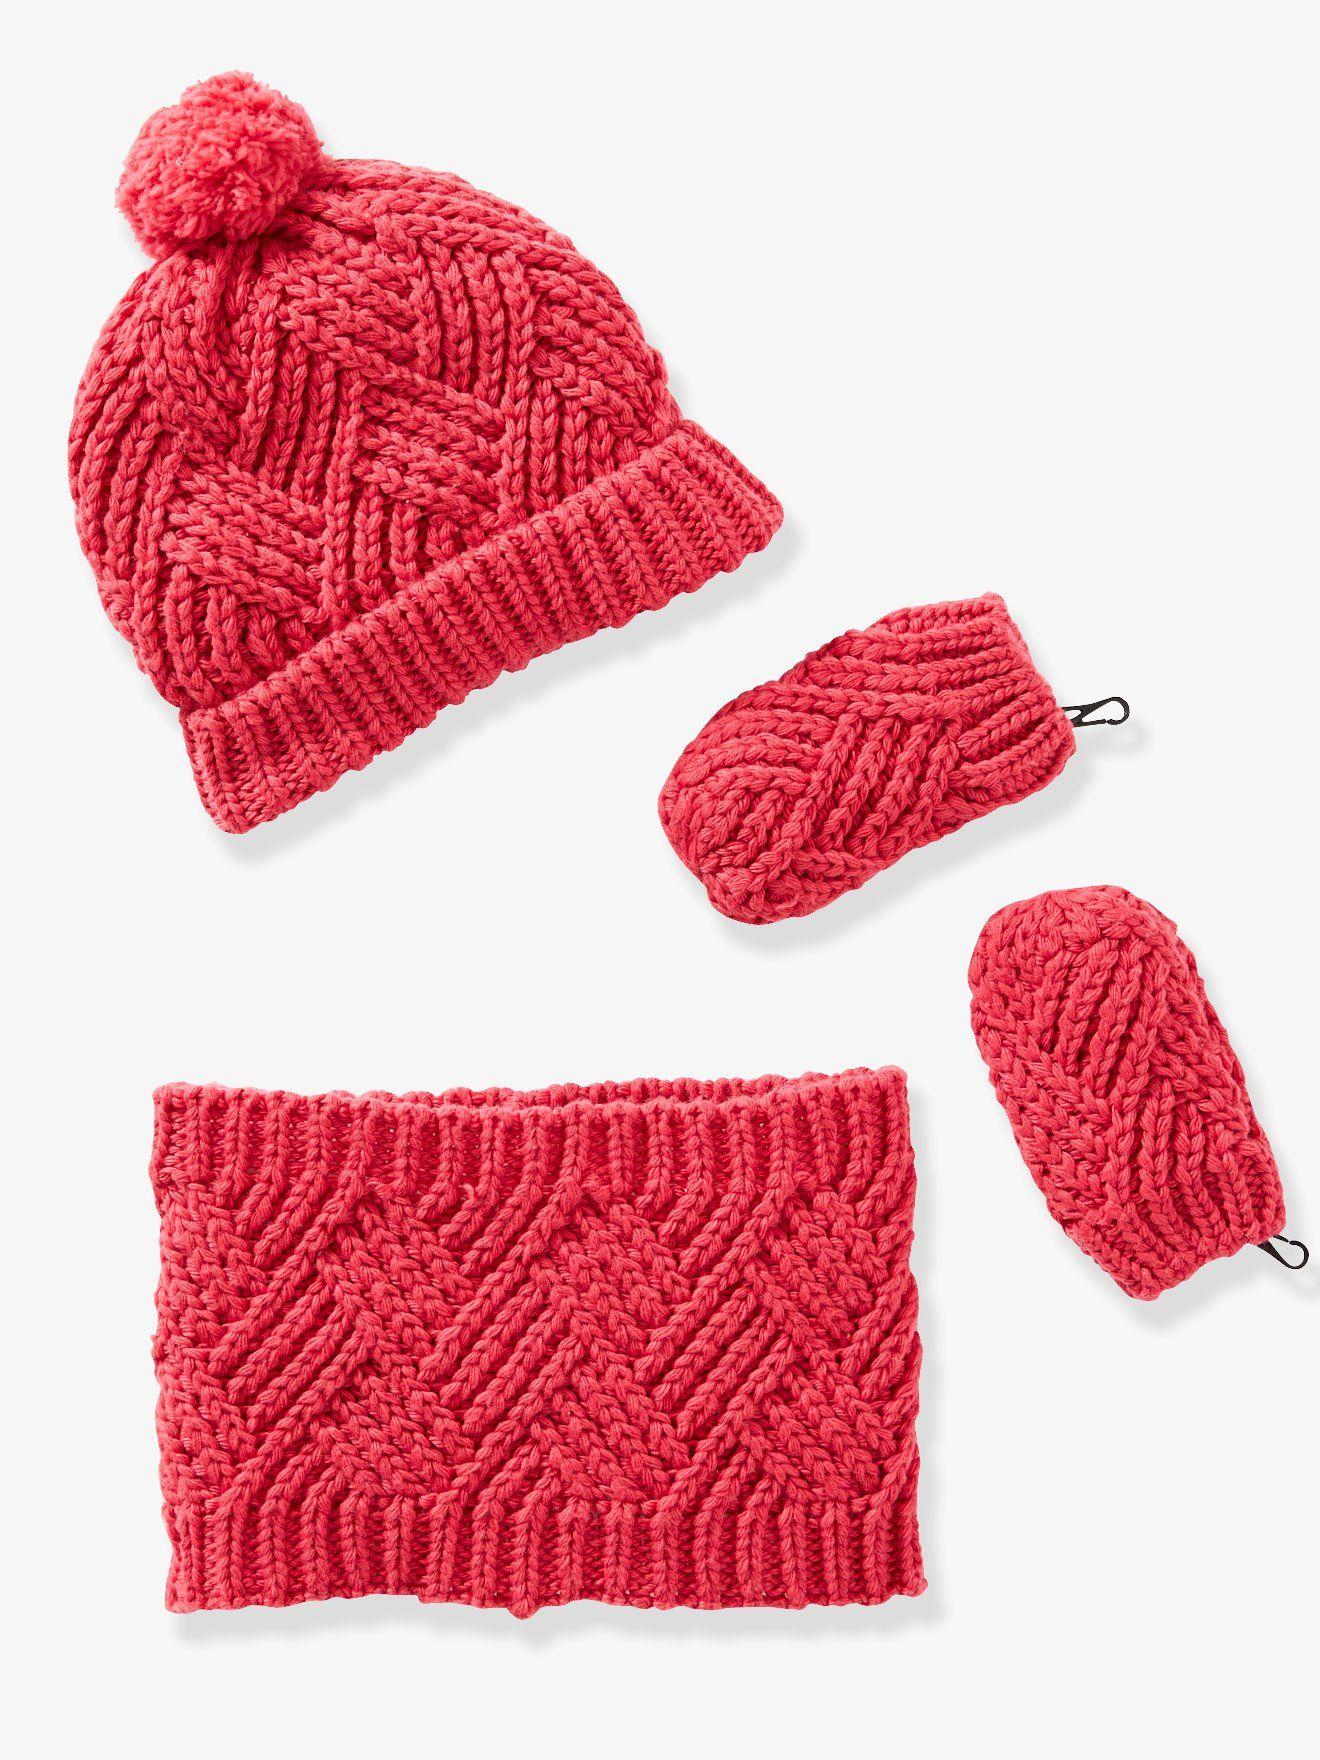 55a4c78caf20 Ensemble bébé bonnet, moufles et snood en tricot fantaisie framboise -  L hiver n